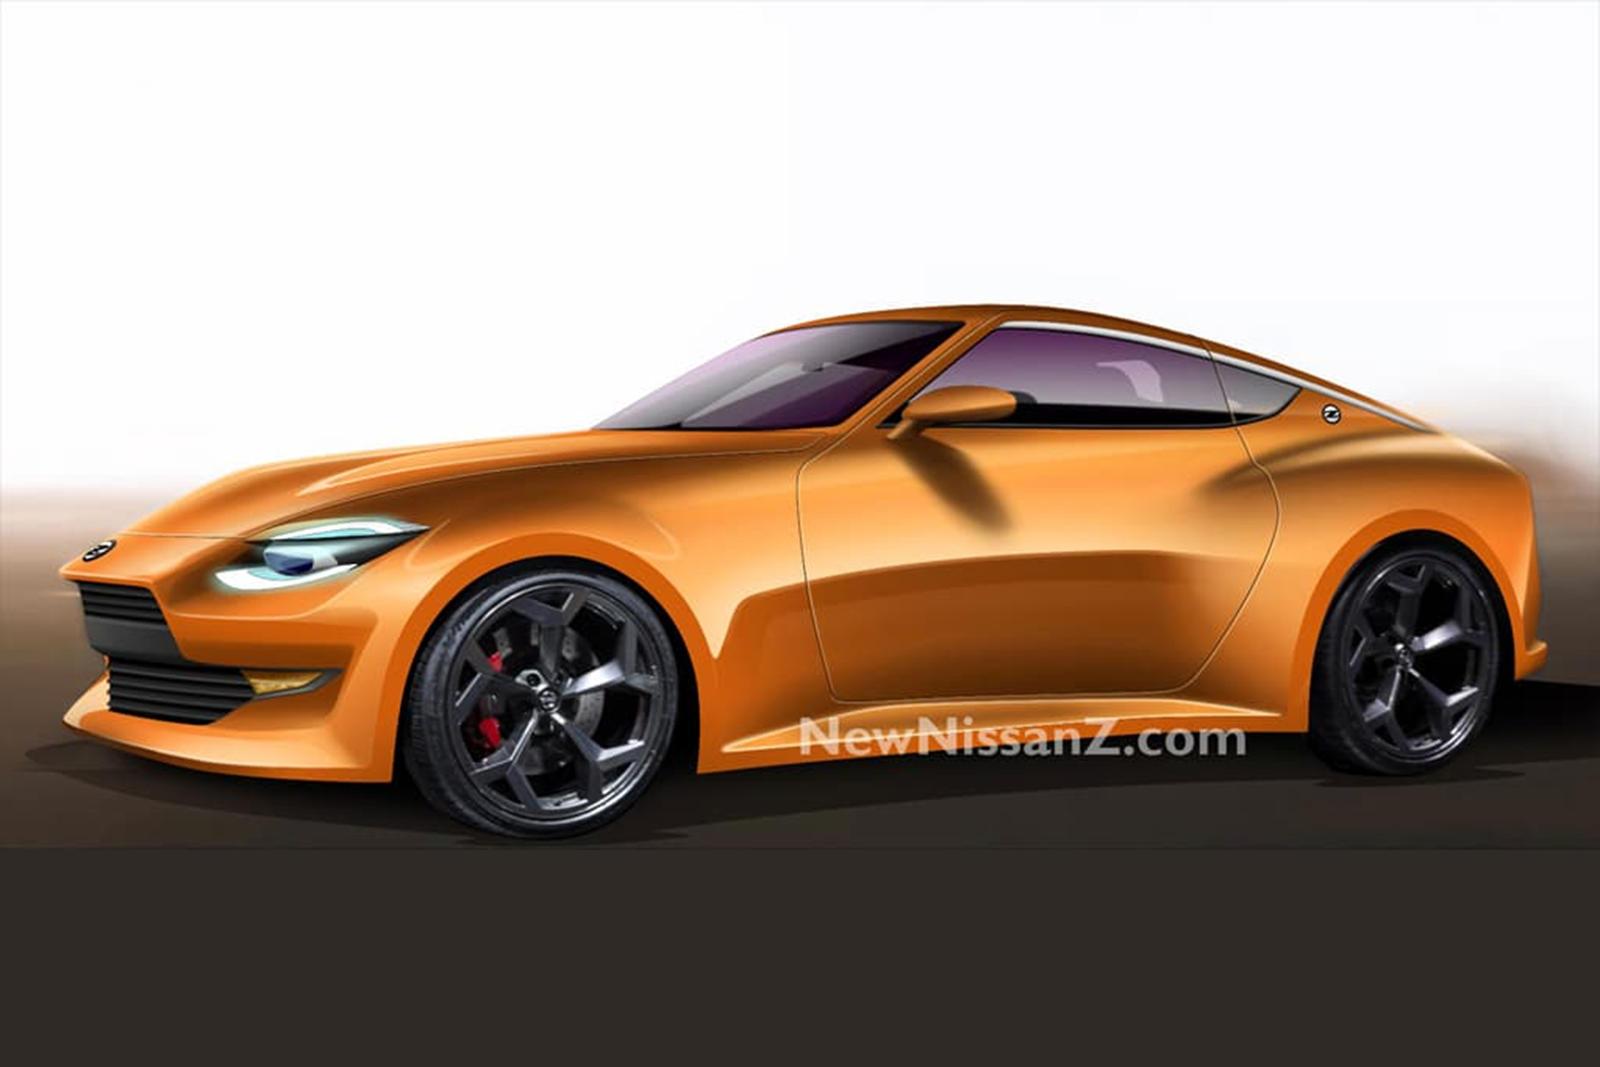 Что касается стиля, мы уже видели визуализации 400Z на основе тизерного видео Nissan. Последние изображения, опубликованные пользователем jpeg.jordann в Instagram, показывают 400Z в оранжевом цвете.